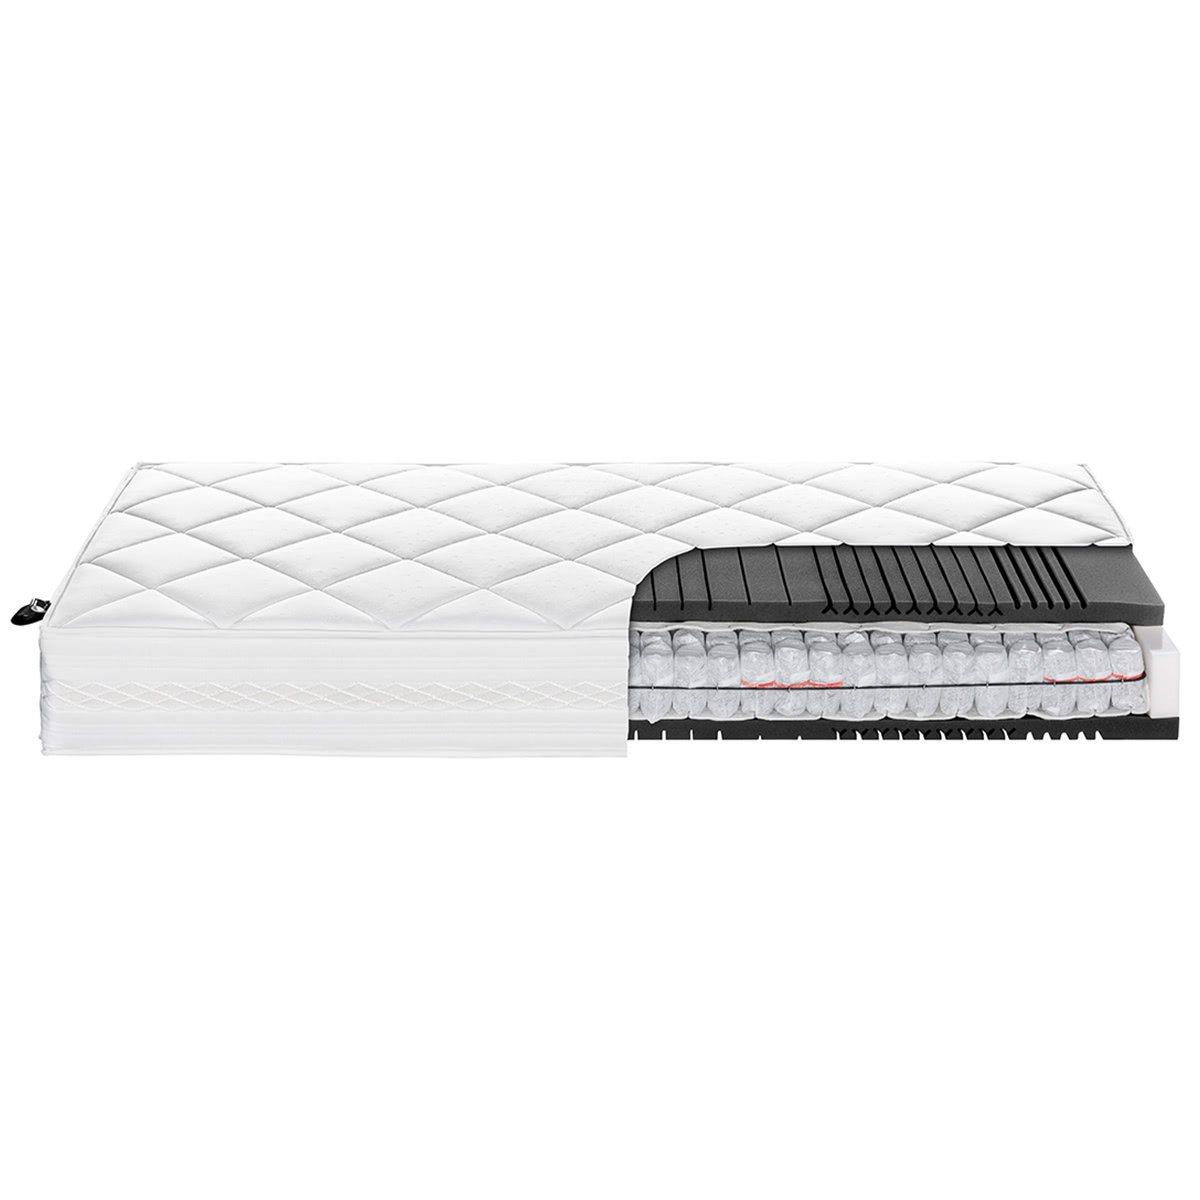 Rummel Taschenfederkernmatratze »MyRummel 575TFK« | Schlafzimmer > Matratzen > Taschenfederkern | Federn - Viskose - Polyester | Rummel